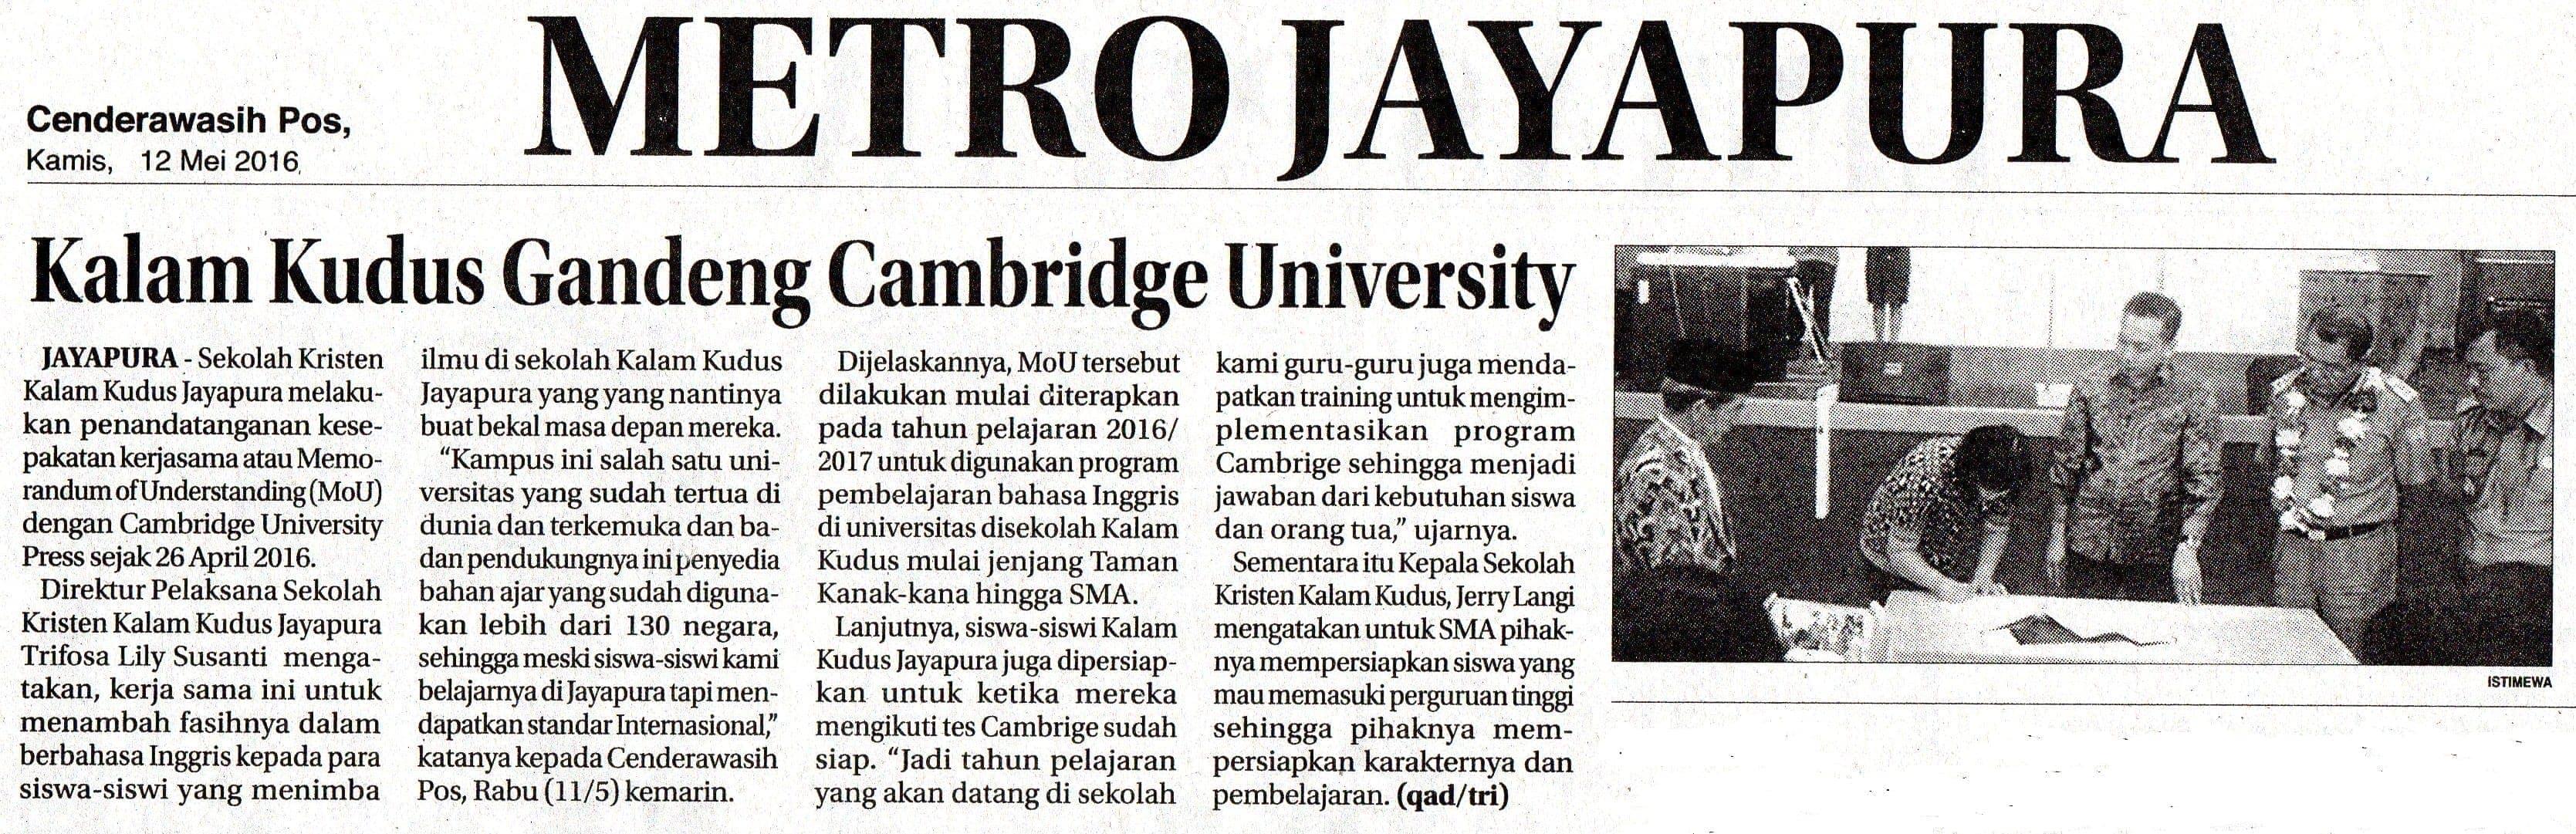 Berita MOU SKKK Jayapura dengan Cambridge University Press di Suratkabar Cendrawasih Pos